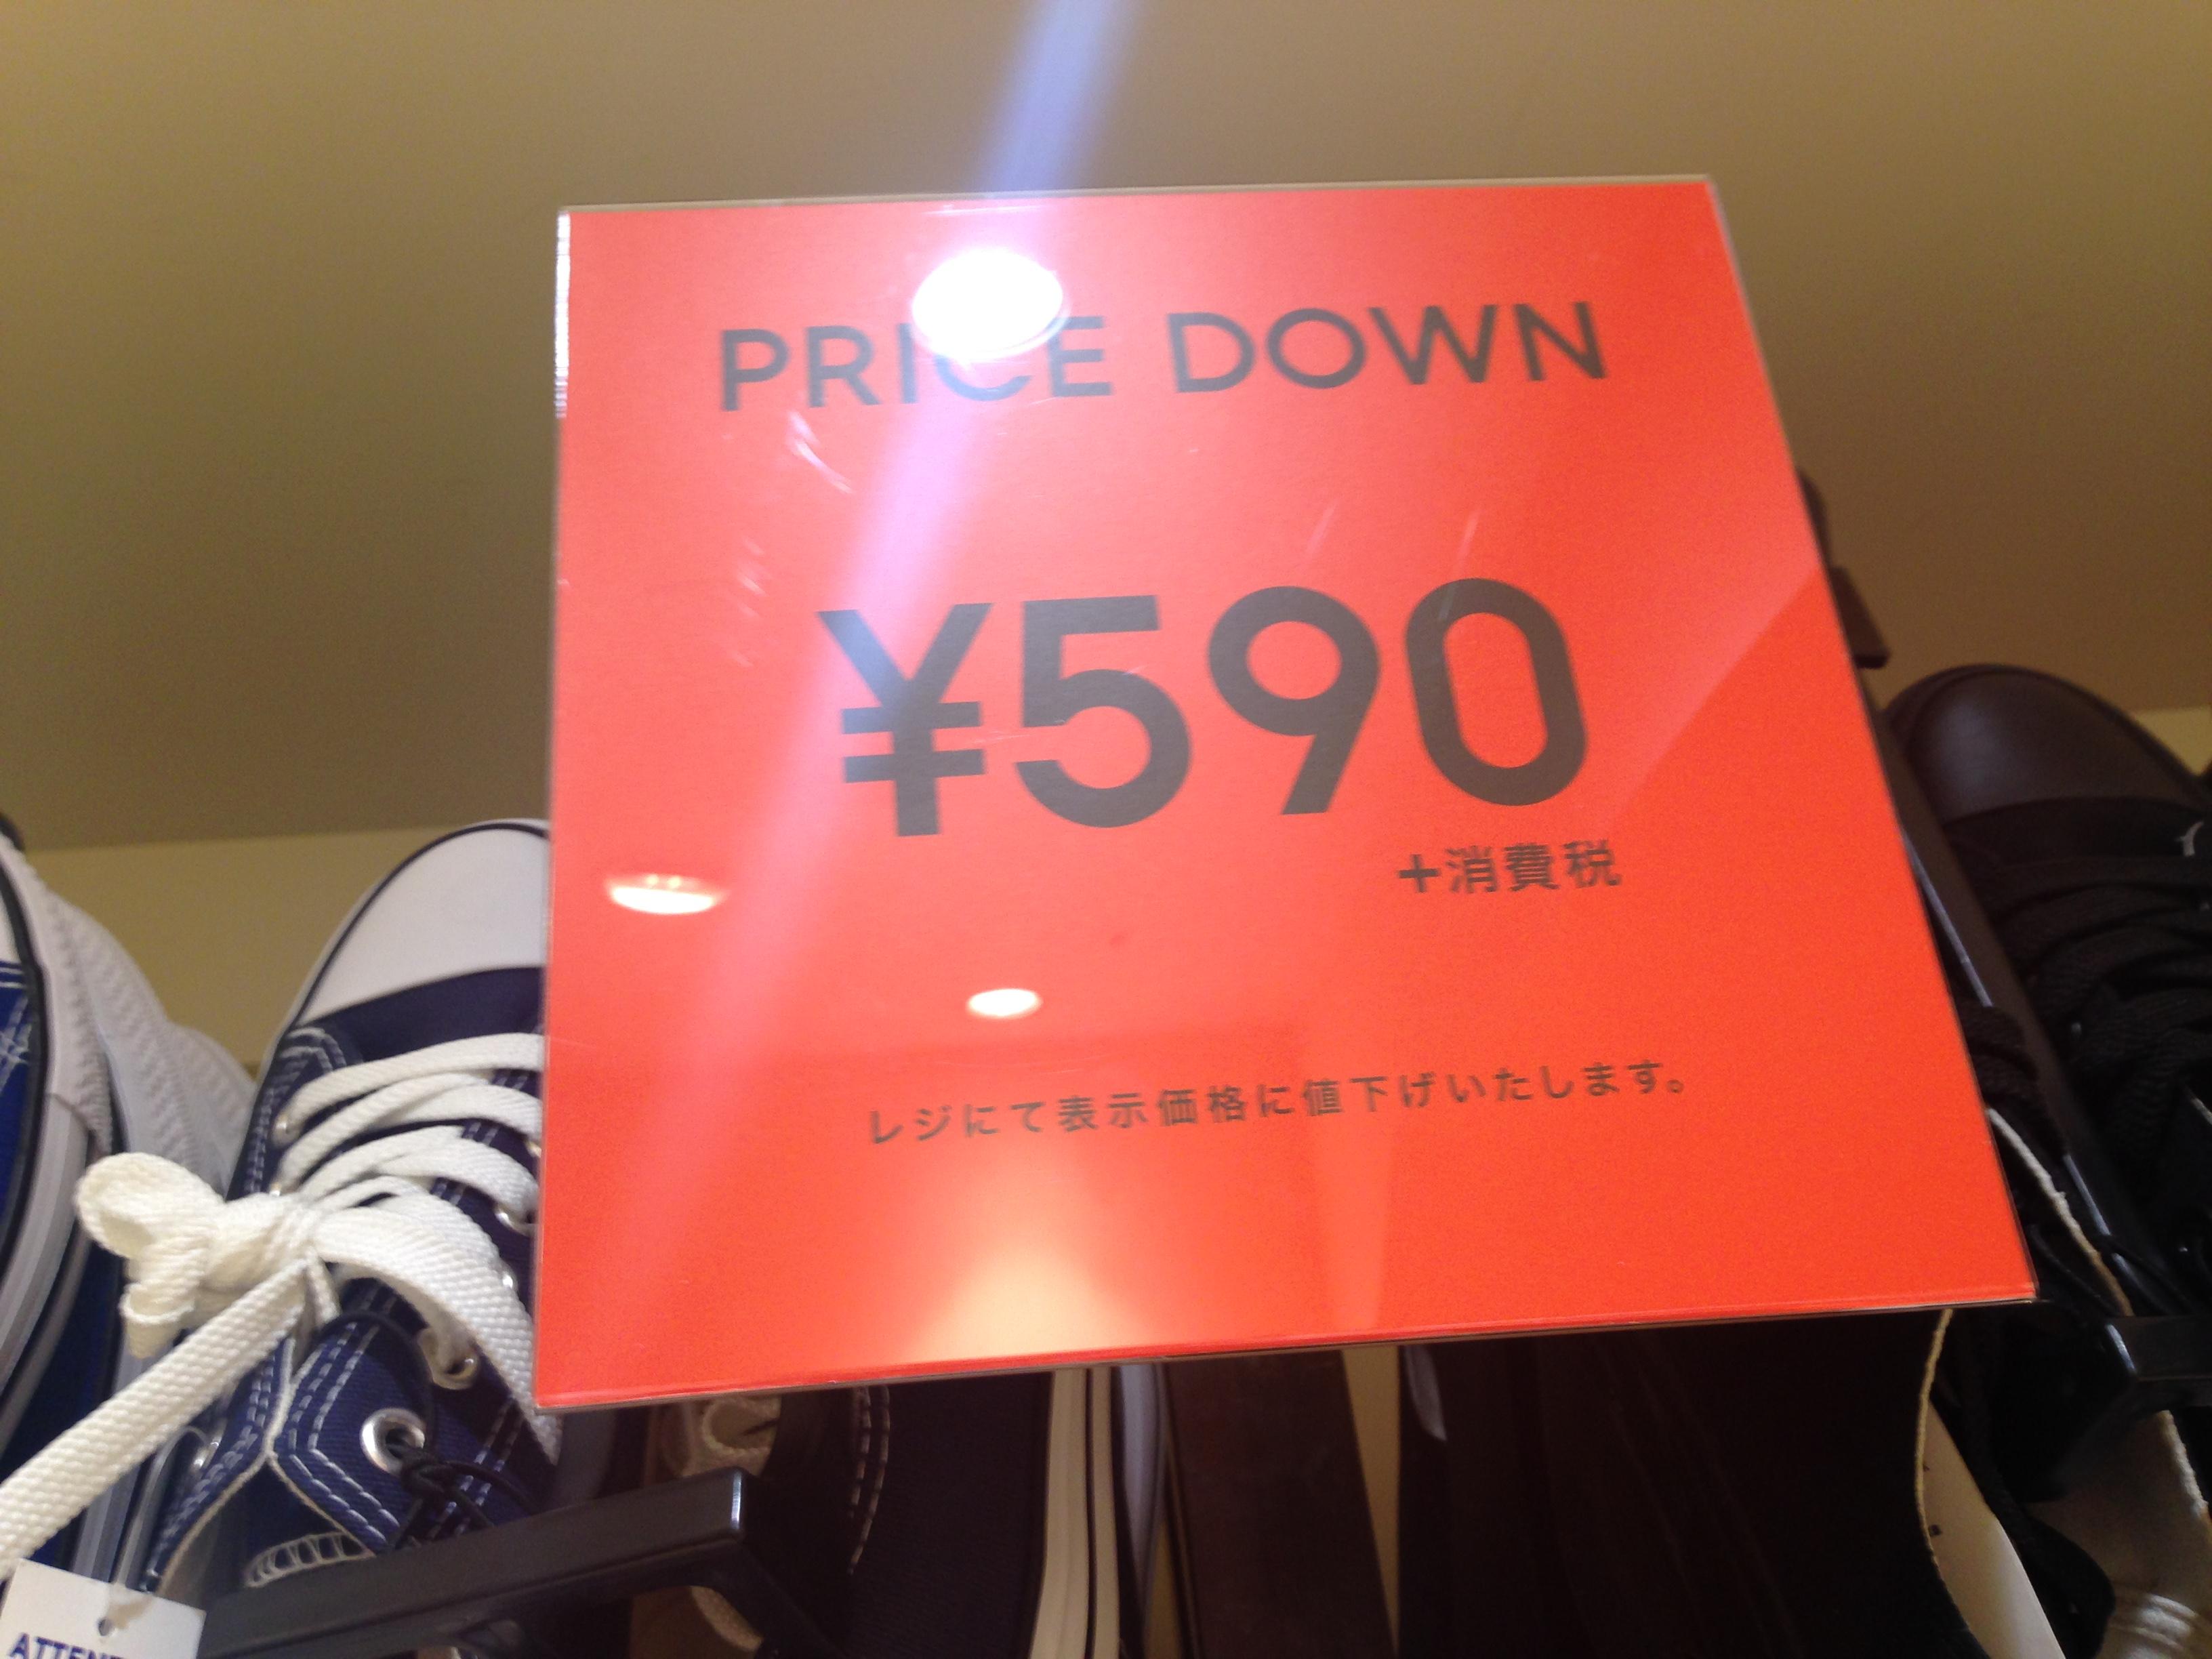 guの靴がコスパ高い!安いスニーカーを探してるなら超おすすめ